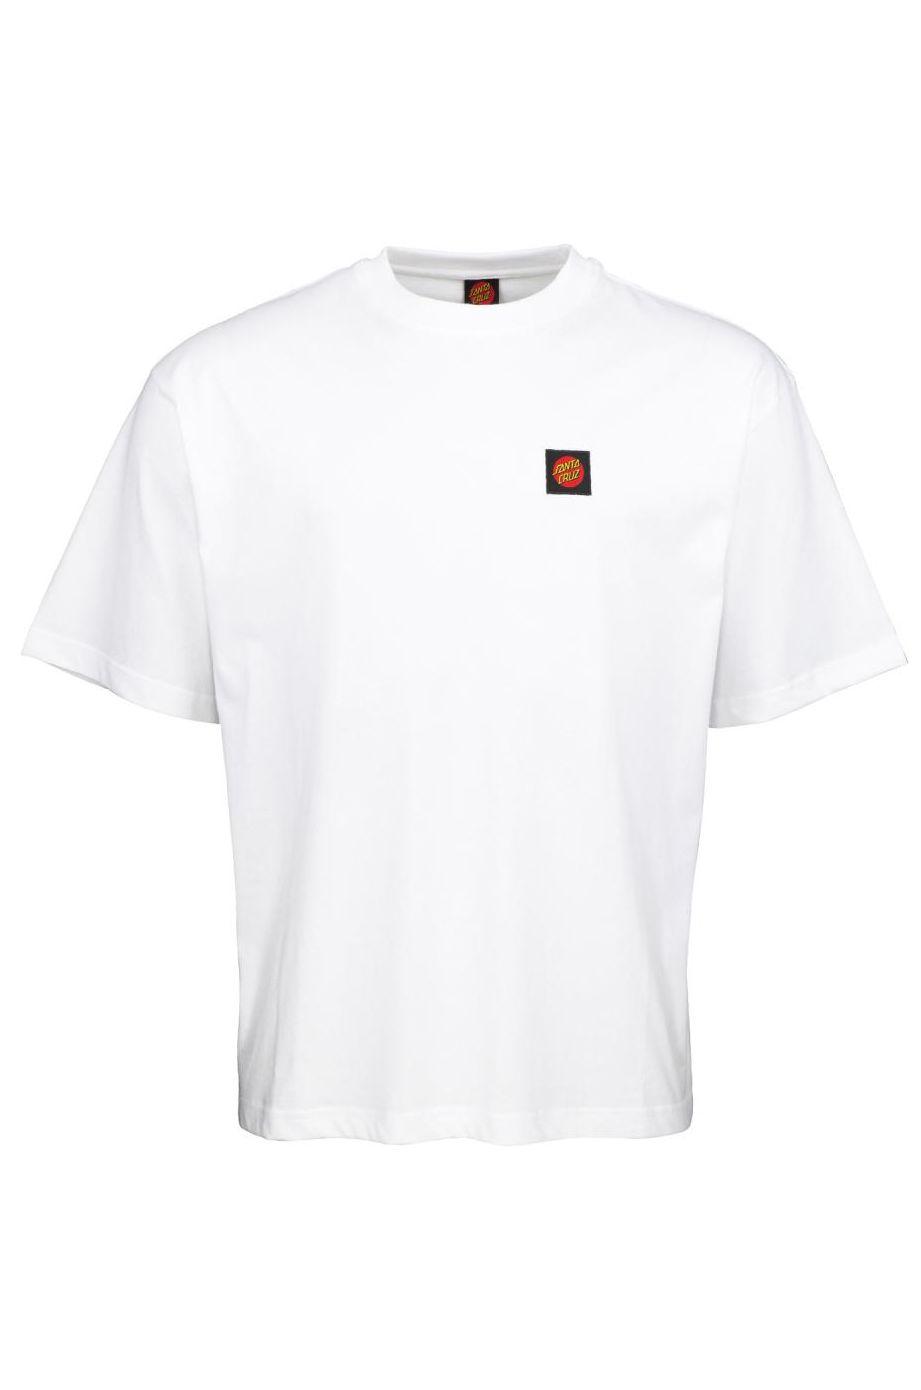 T-Shirt Santa Cruz CLASSIC LABEL White